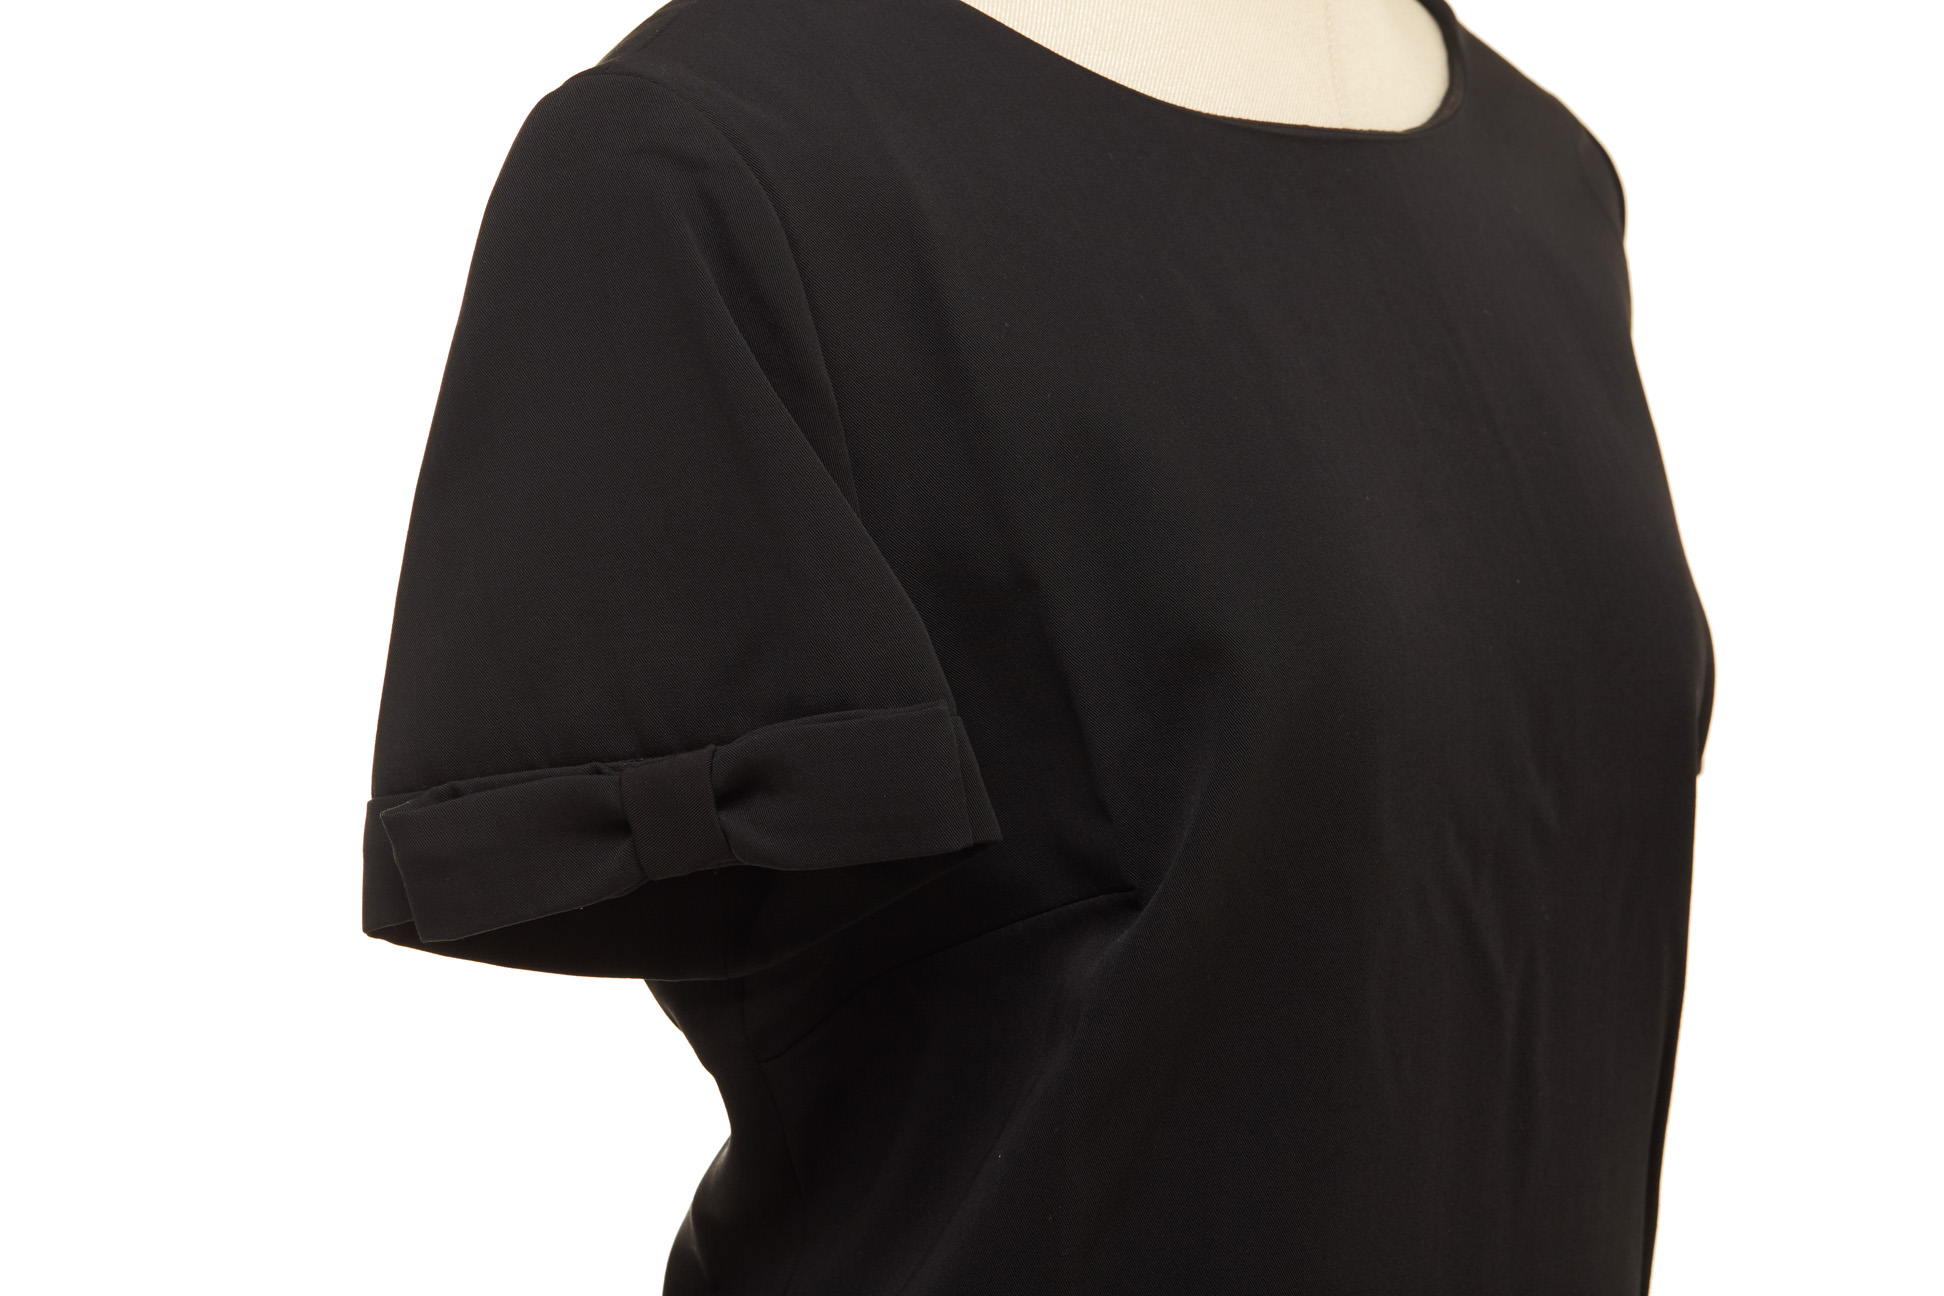 A MOSCHINO BLACK WOOL SHIFT DRESS - Image 2 of 2